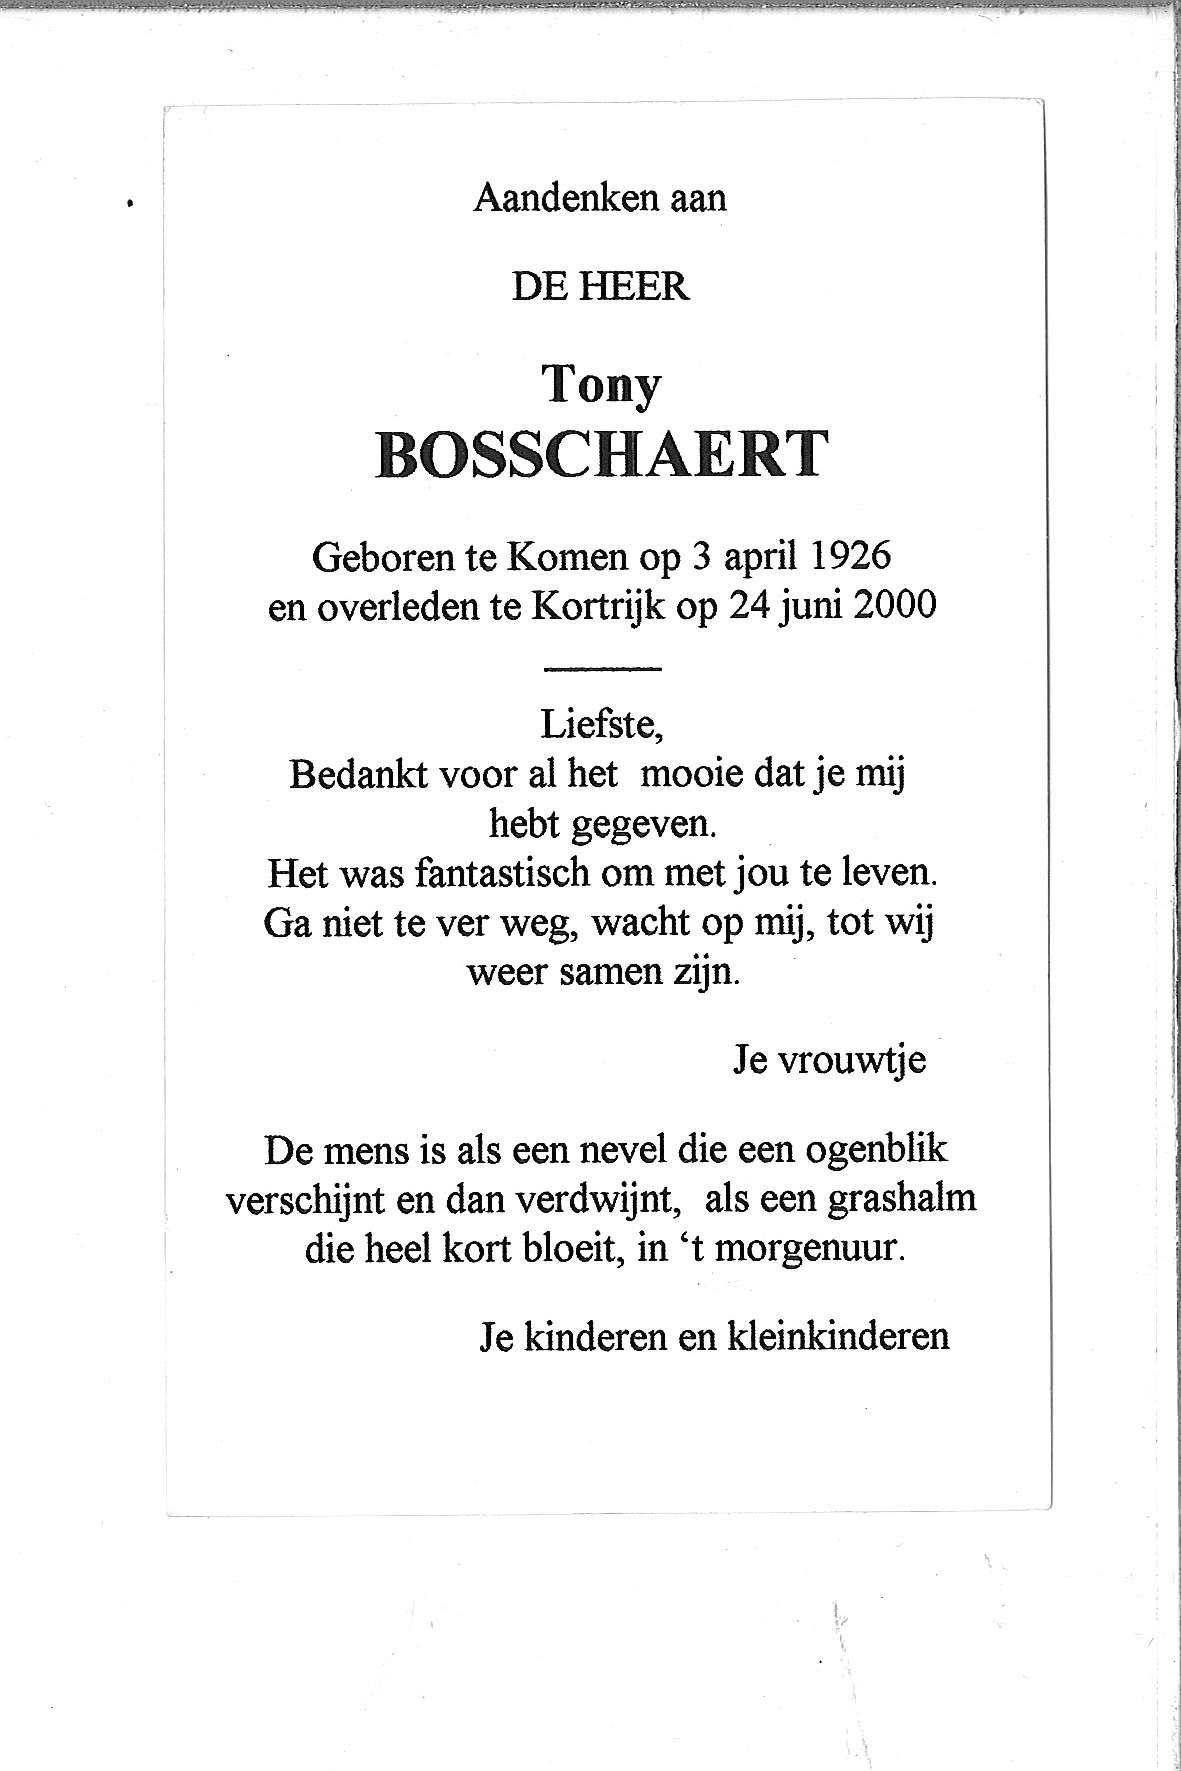 Tony(2000)20130920115948_00033.jpg